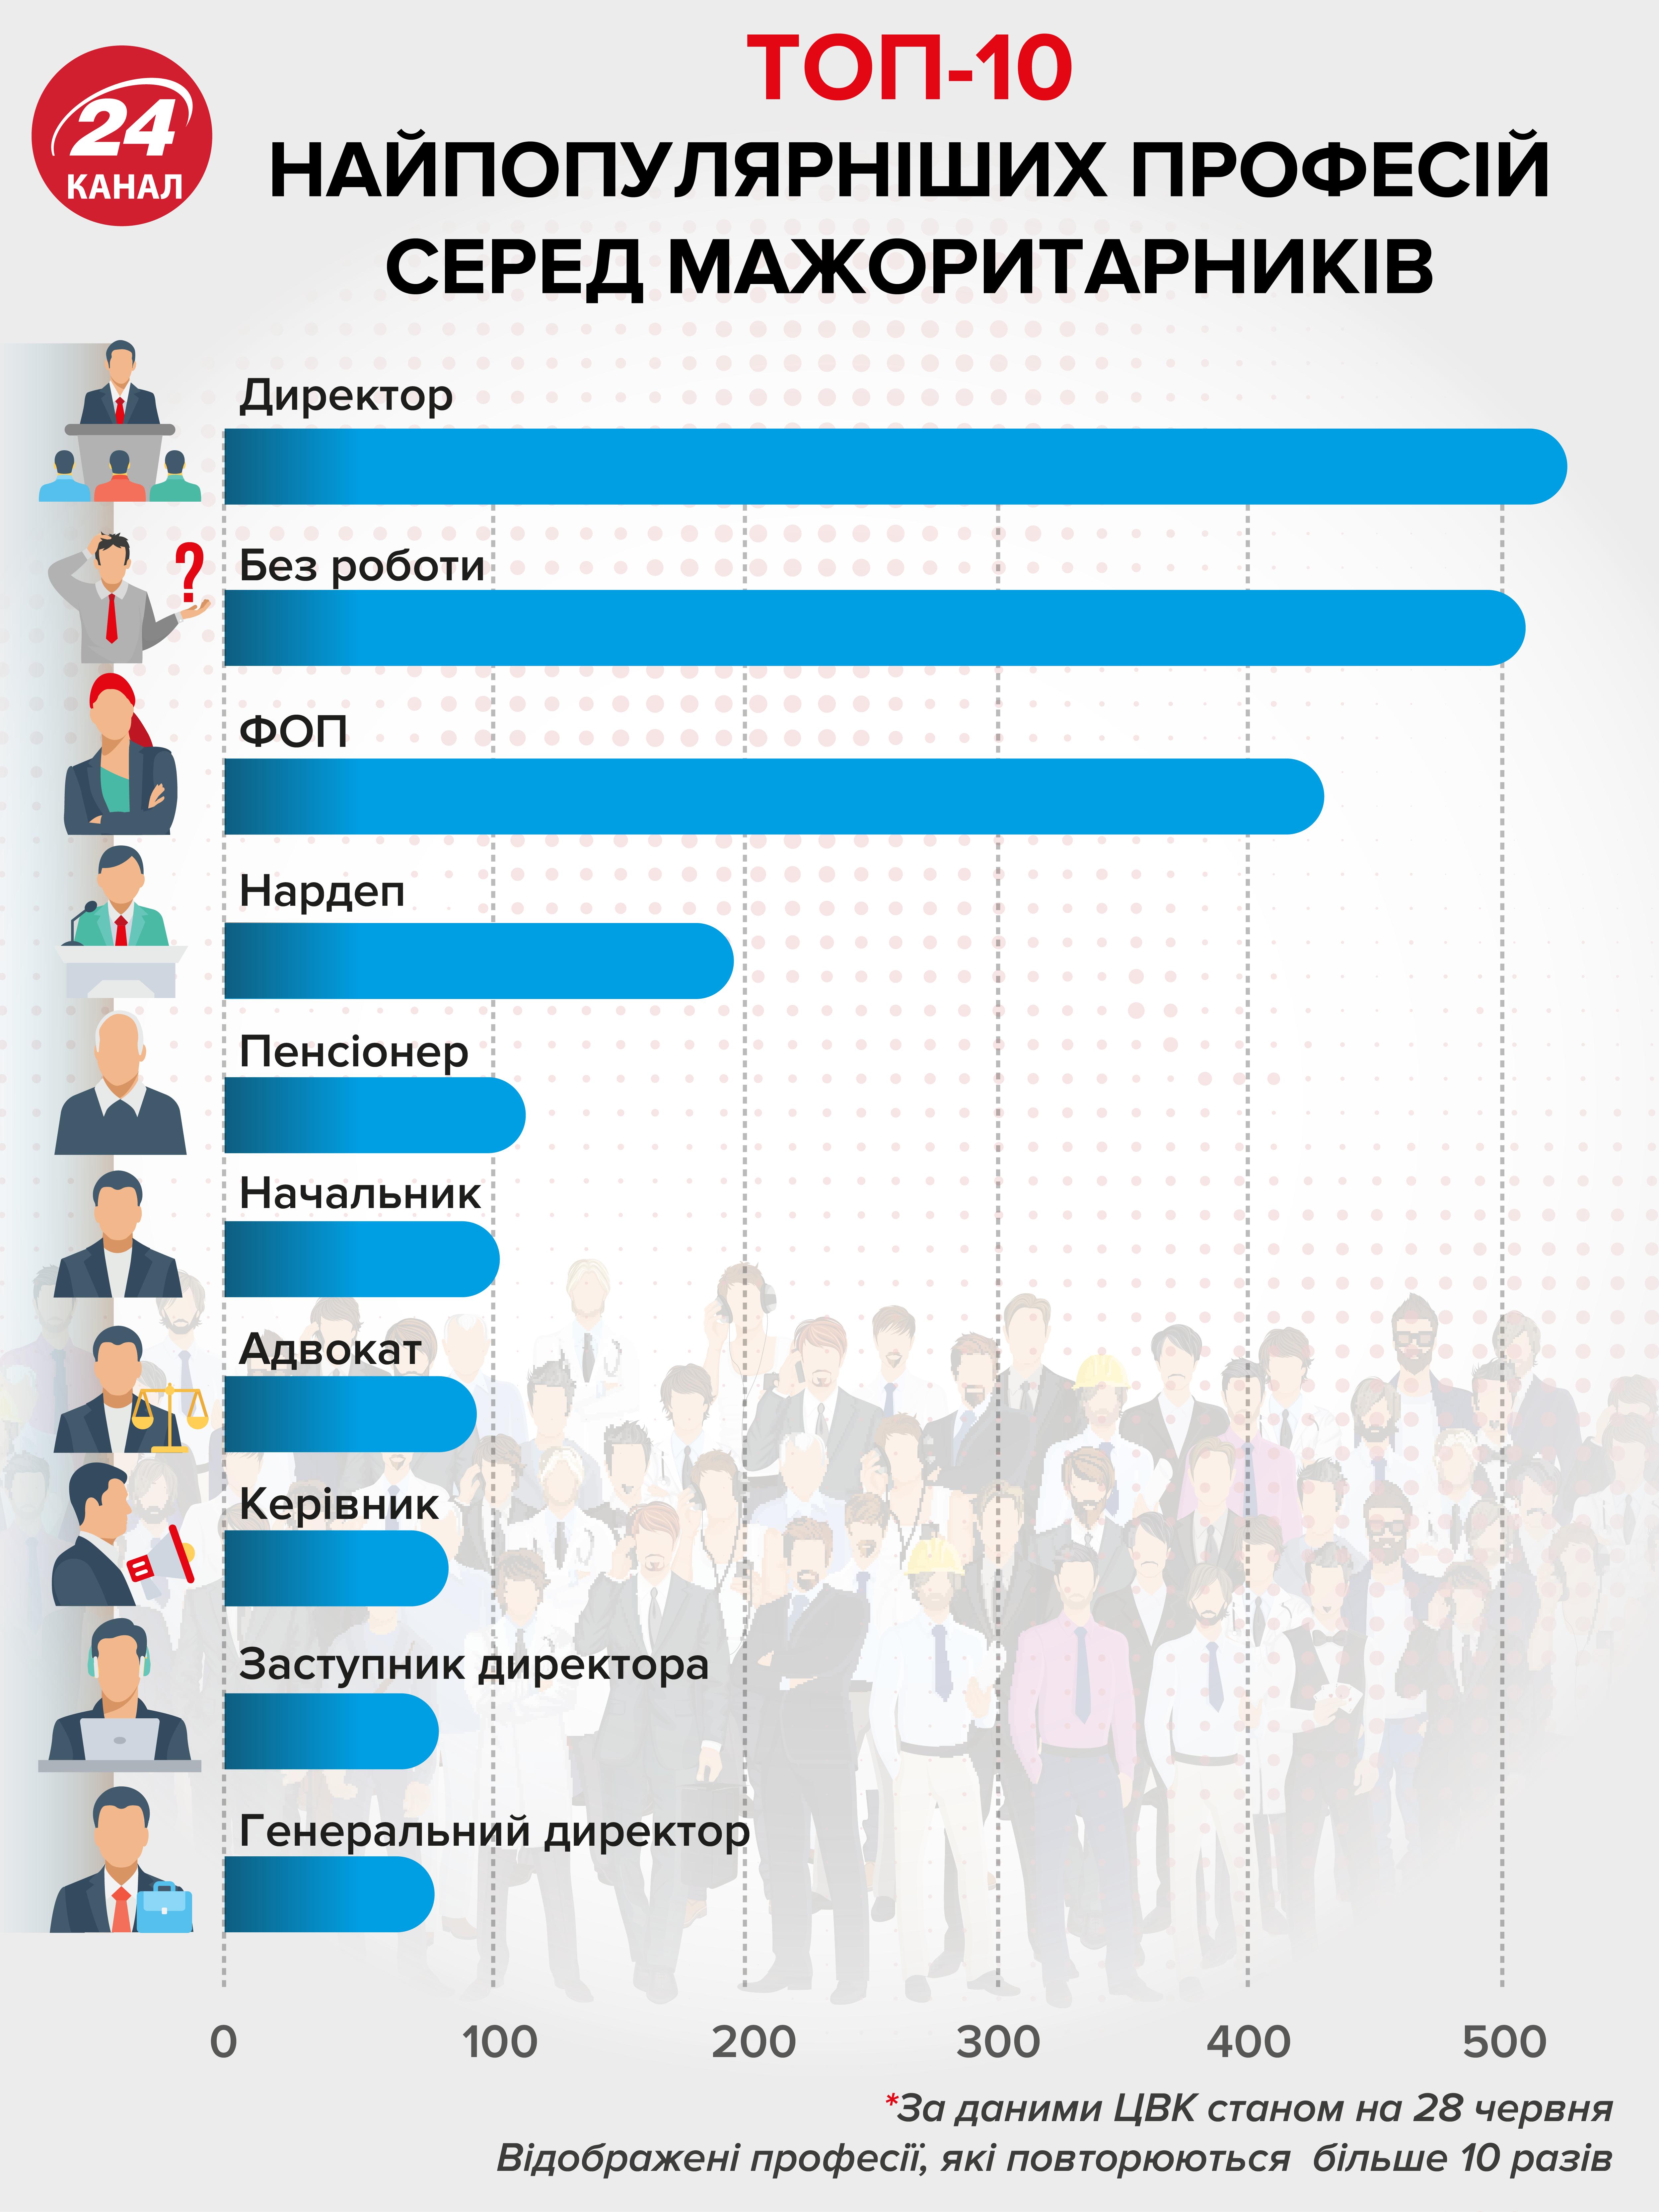 Ким працюють кандидати в депутати